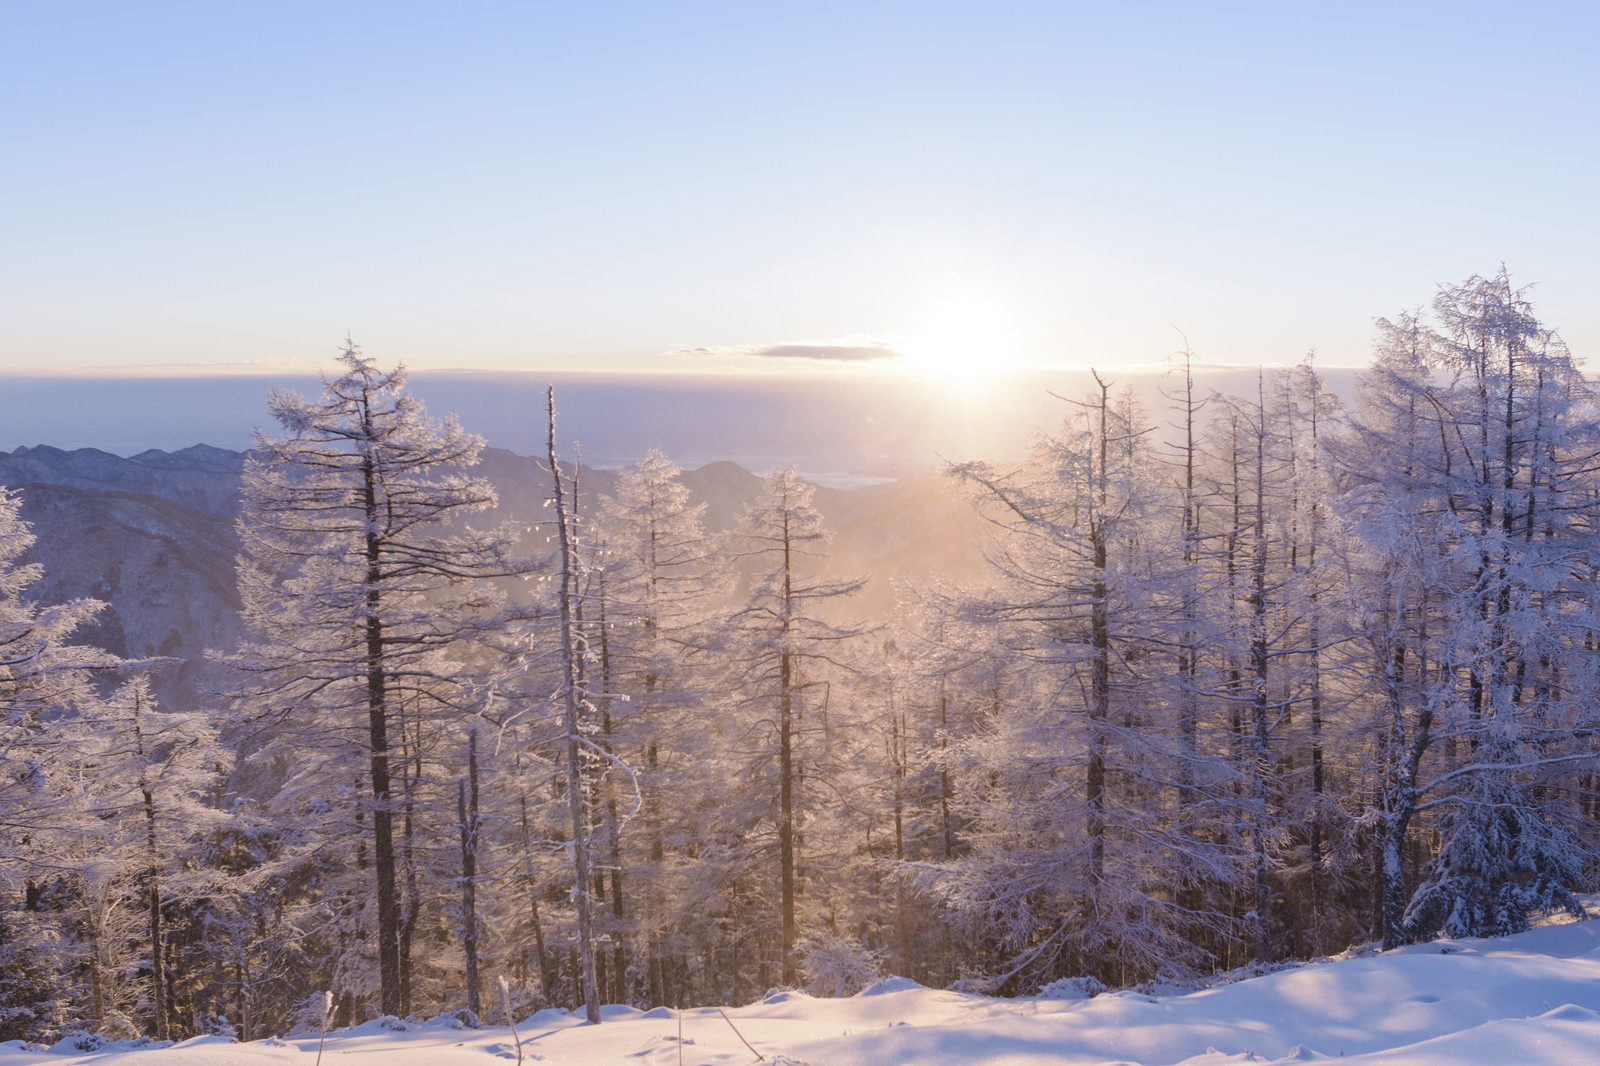 「朝日に輝く霧氷(雲取山)」の写真